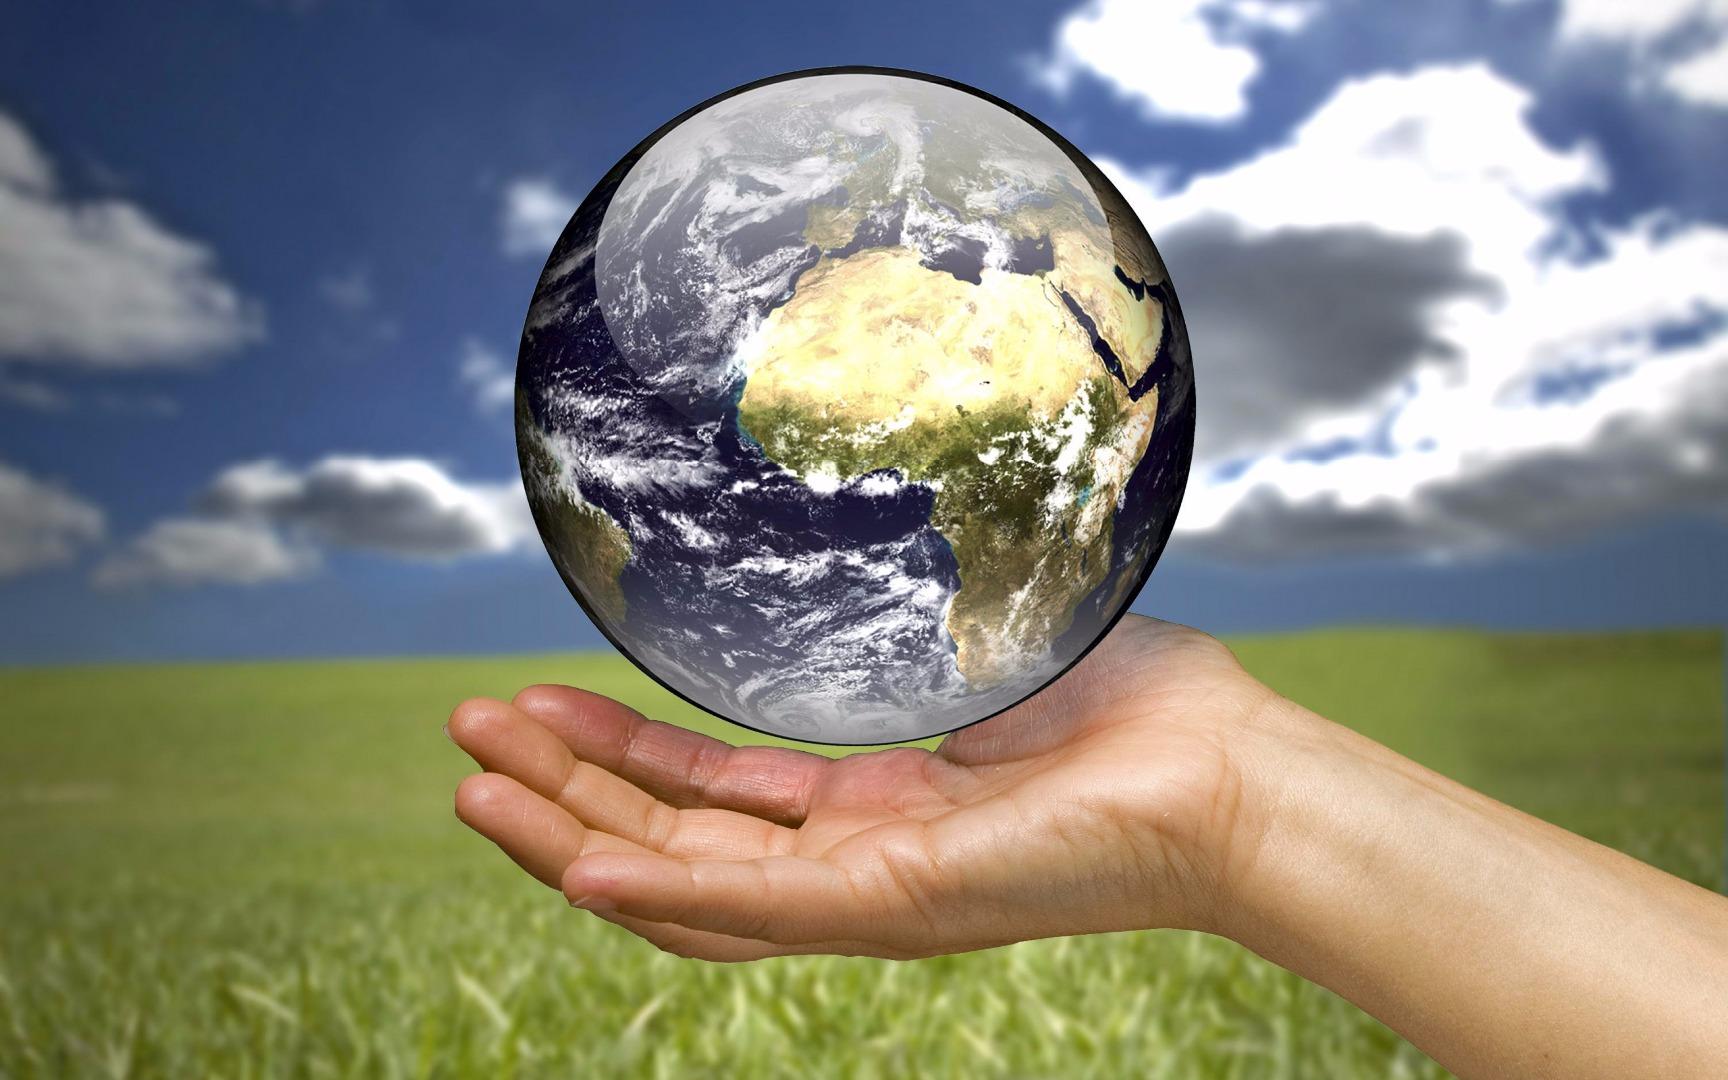 Картинки по окружающей нас среде